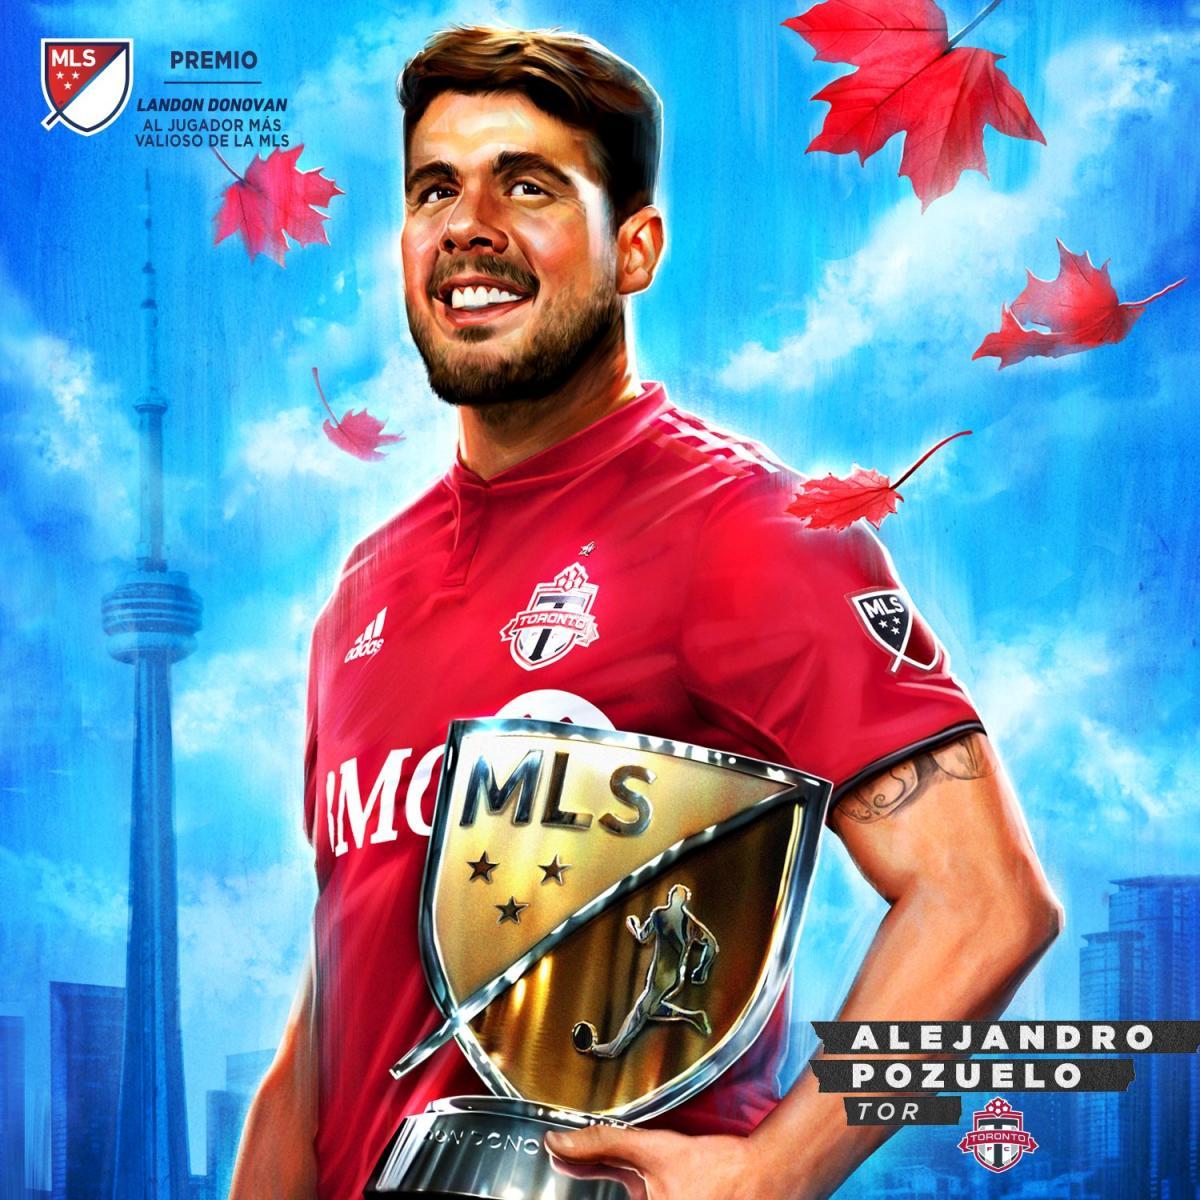 Dibujo de Pozuelo con el galardón (@MLS)